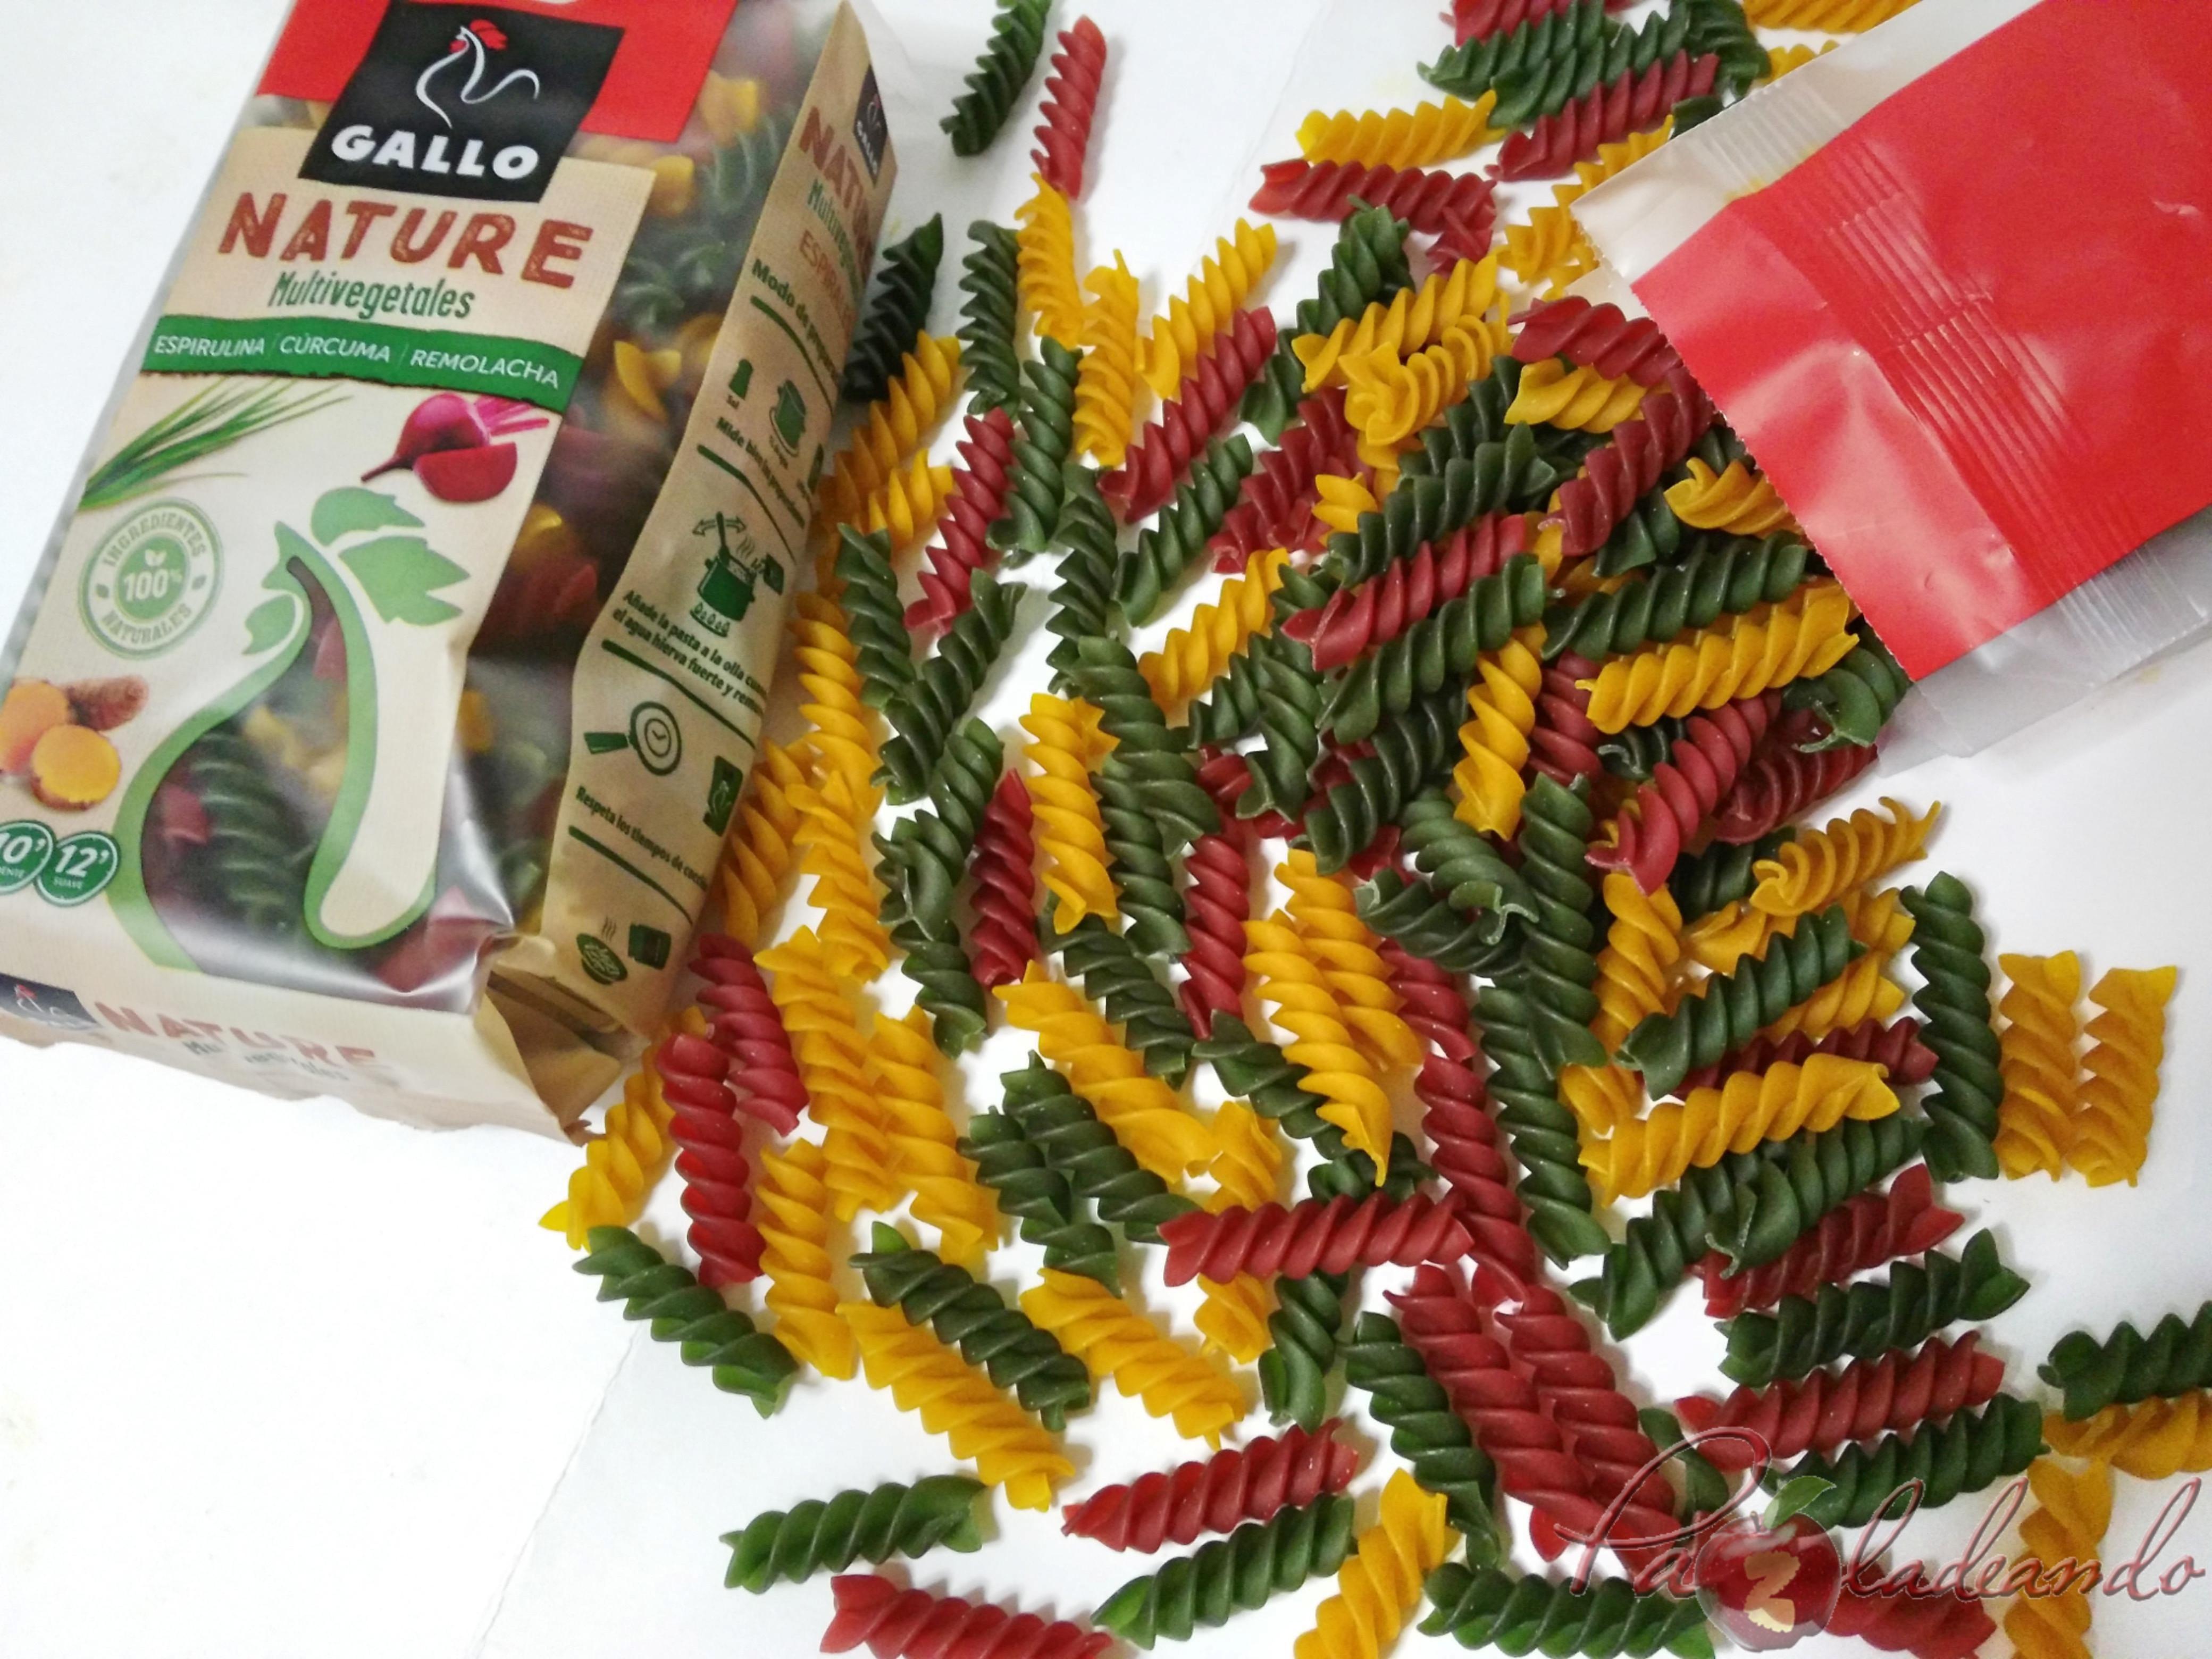 pasta multi vegetales con fruta Gallo Nature (1)